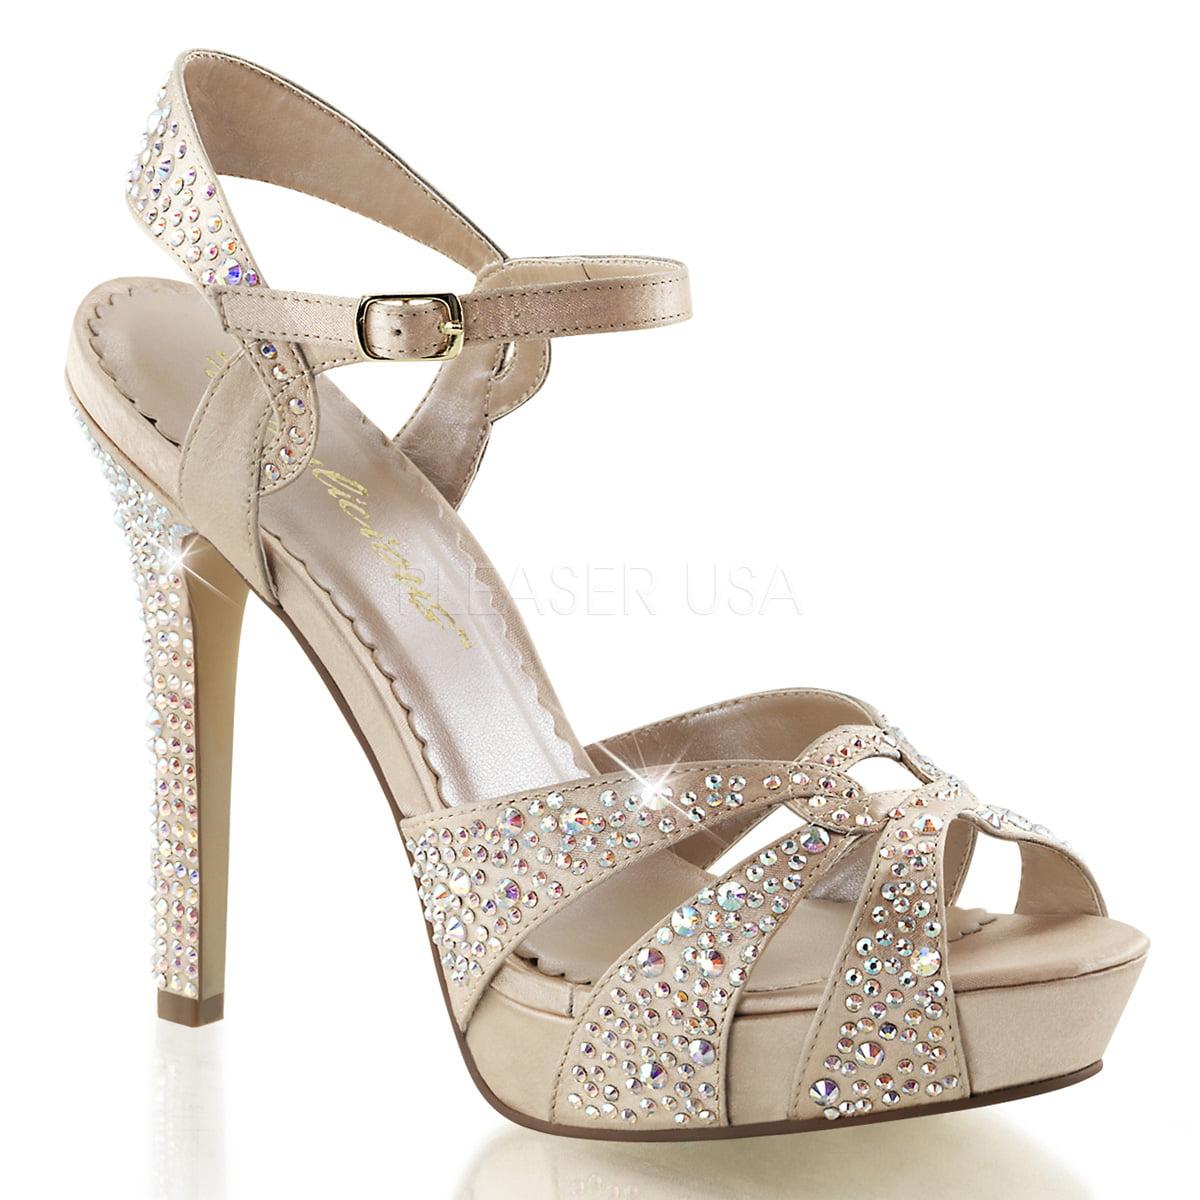 LUMINA-23, 4 3/4 Inch Heel 1 Sandal Inch  Ankle Strap Sandal 1 61e859